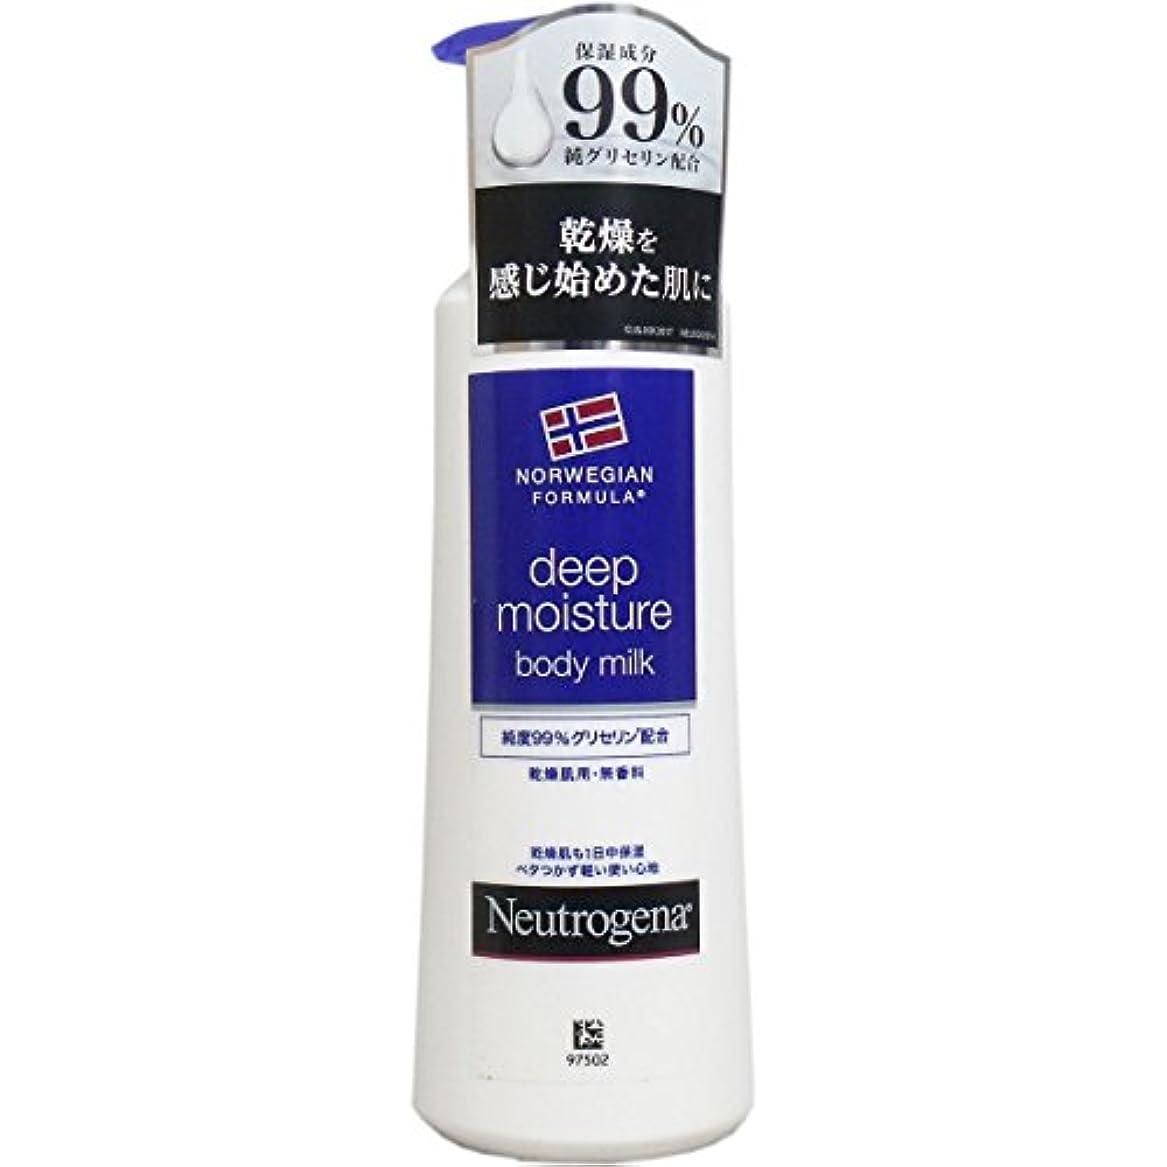 ペデスタルクラウン準備した【まとめ買い】Neutrogena(ニュートロジーナ) ノルウェーフォーミュラ ディープモイスチャー ボディミルク 乾燥肌用 無香料 250ml×4個